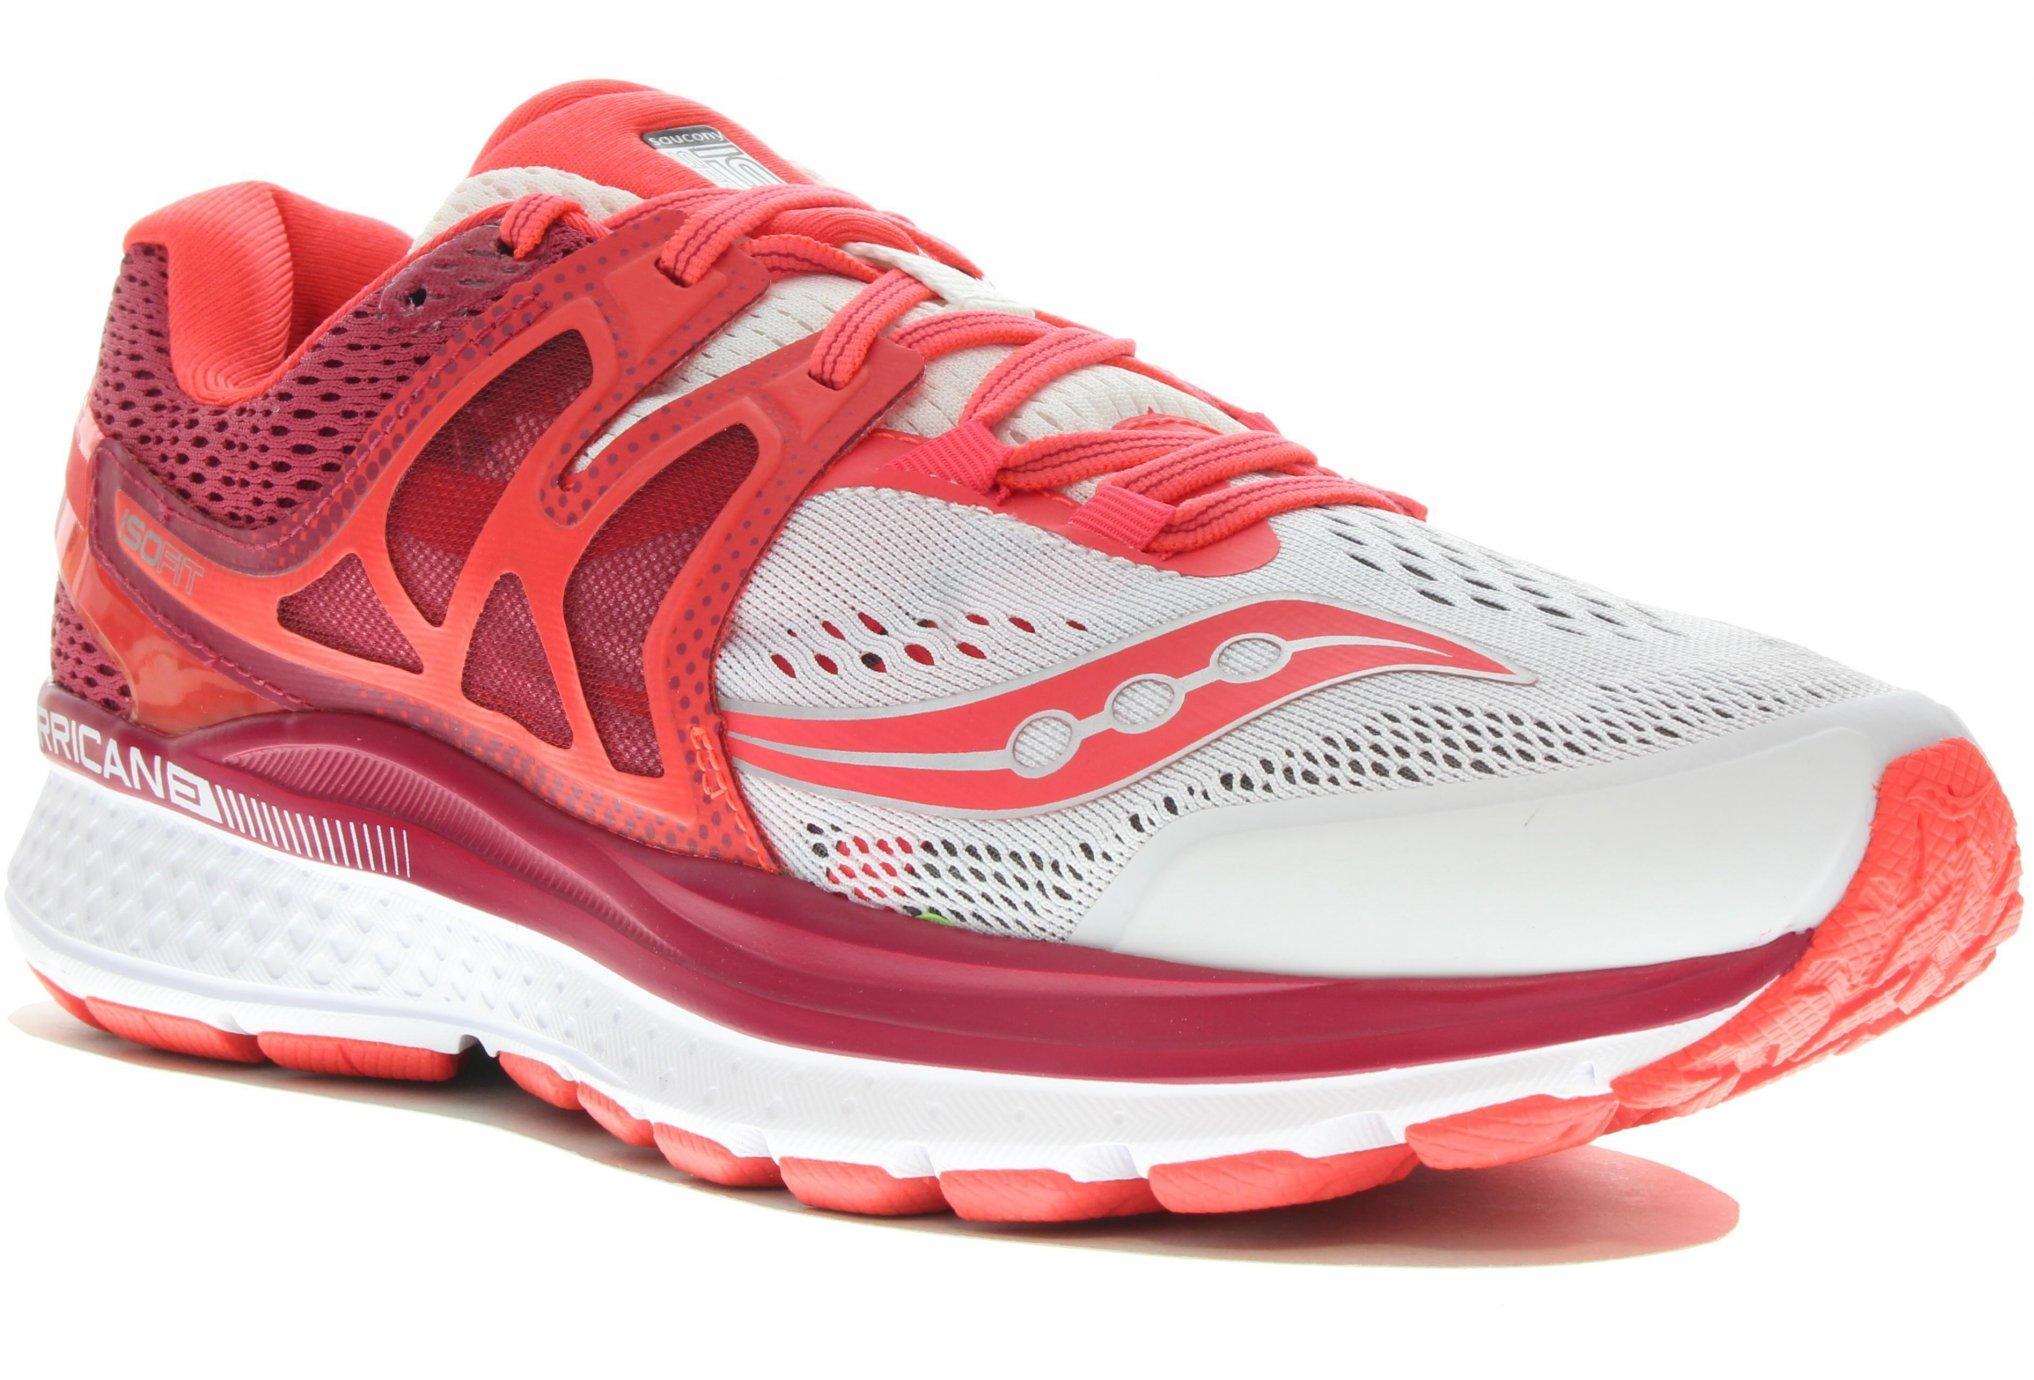 Saucony Hurricane ISO 3 W Diététique Chaussures femme